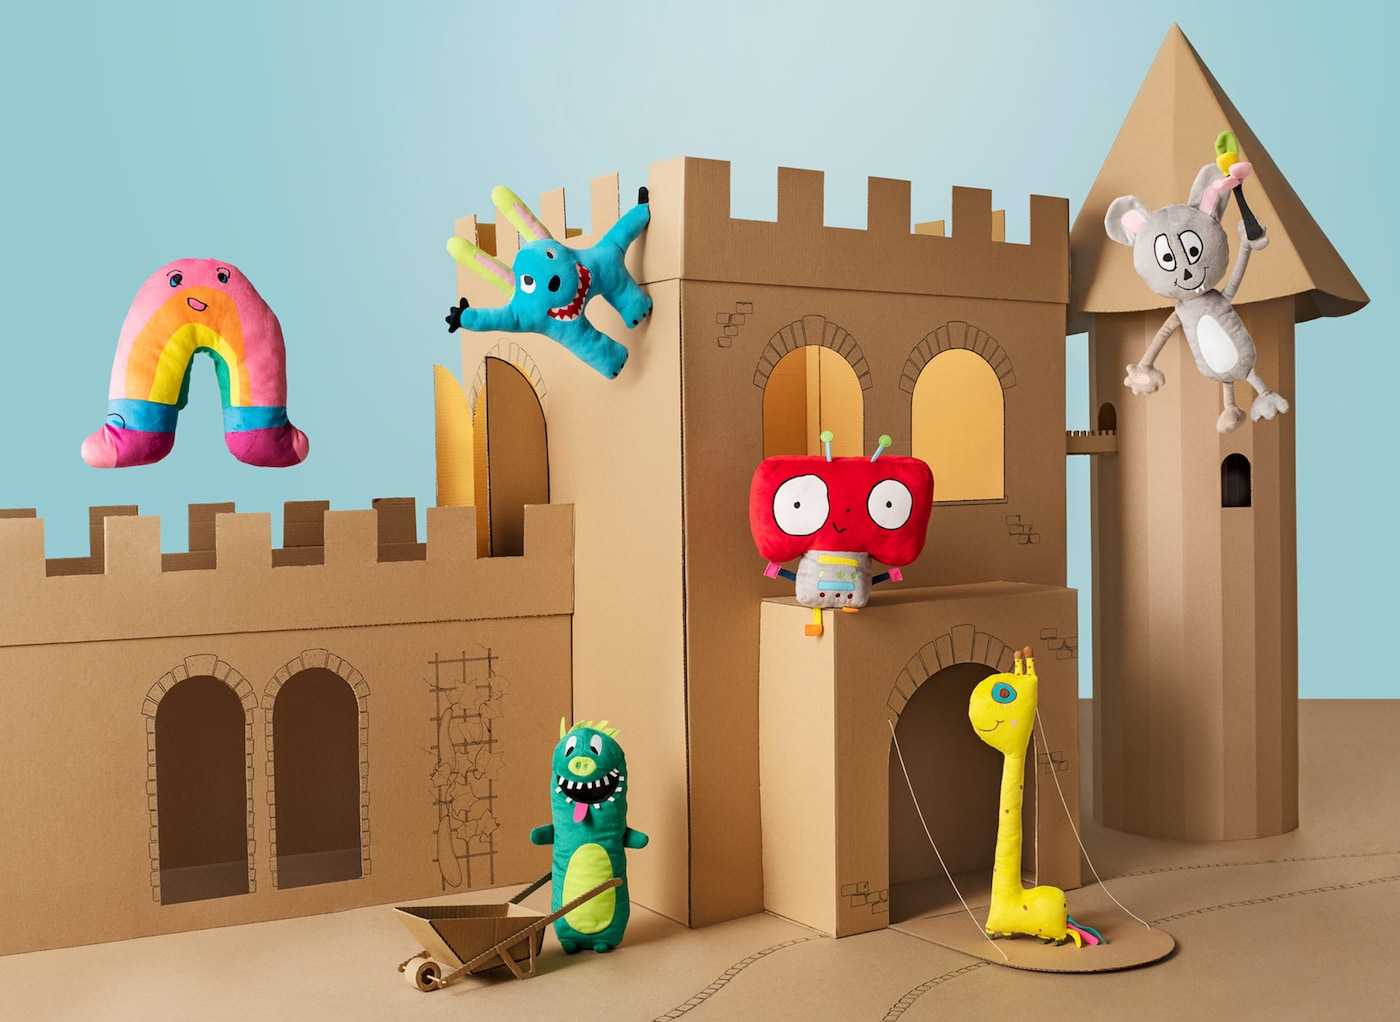 Et slot bygget af brune papkasser danner baggrund for 6 farvestrålende SAGOSKATT tøjdyr.